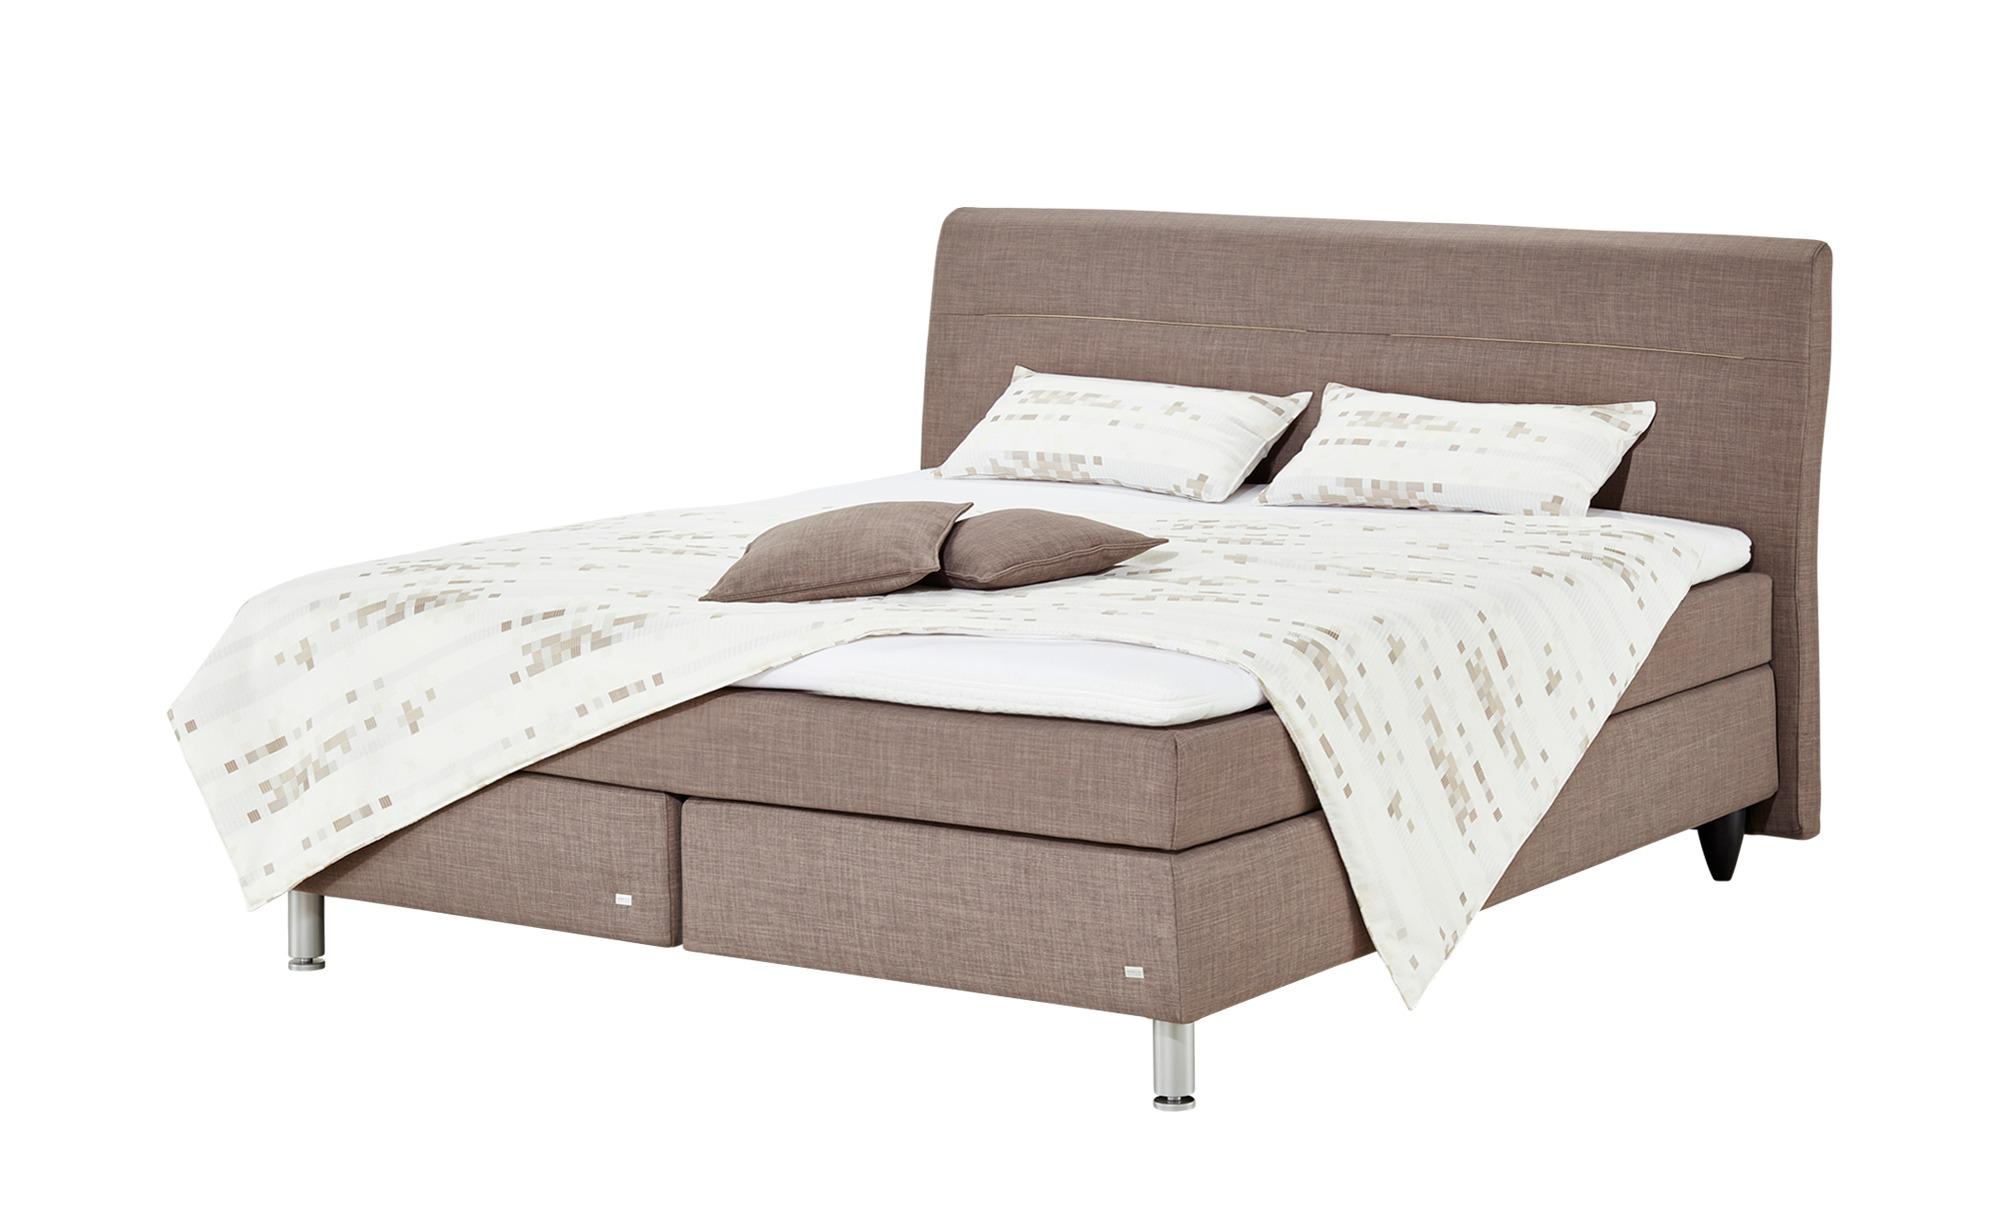 Full Size of Futonbett 100x200 Pin Auf Betten Bett Weiß Wohnzimmer Futonbett 100x200